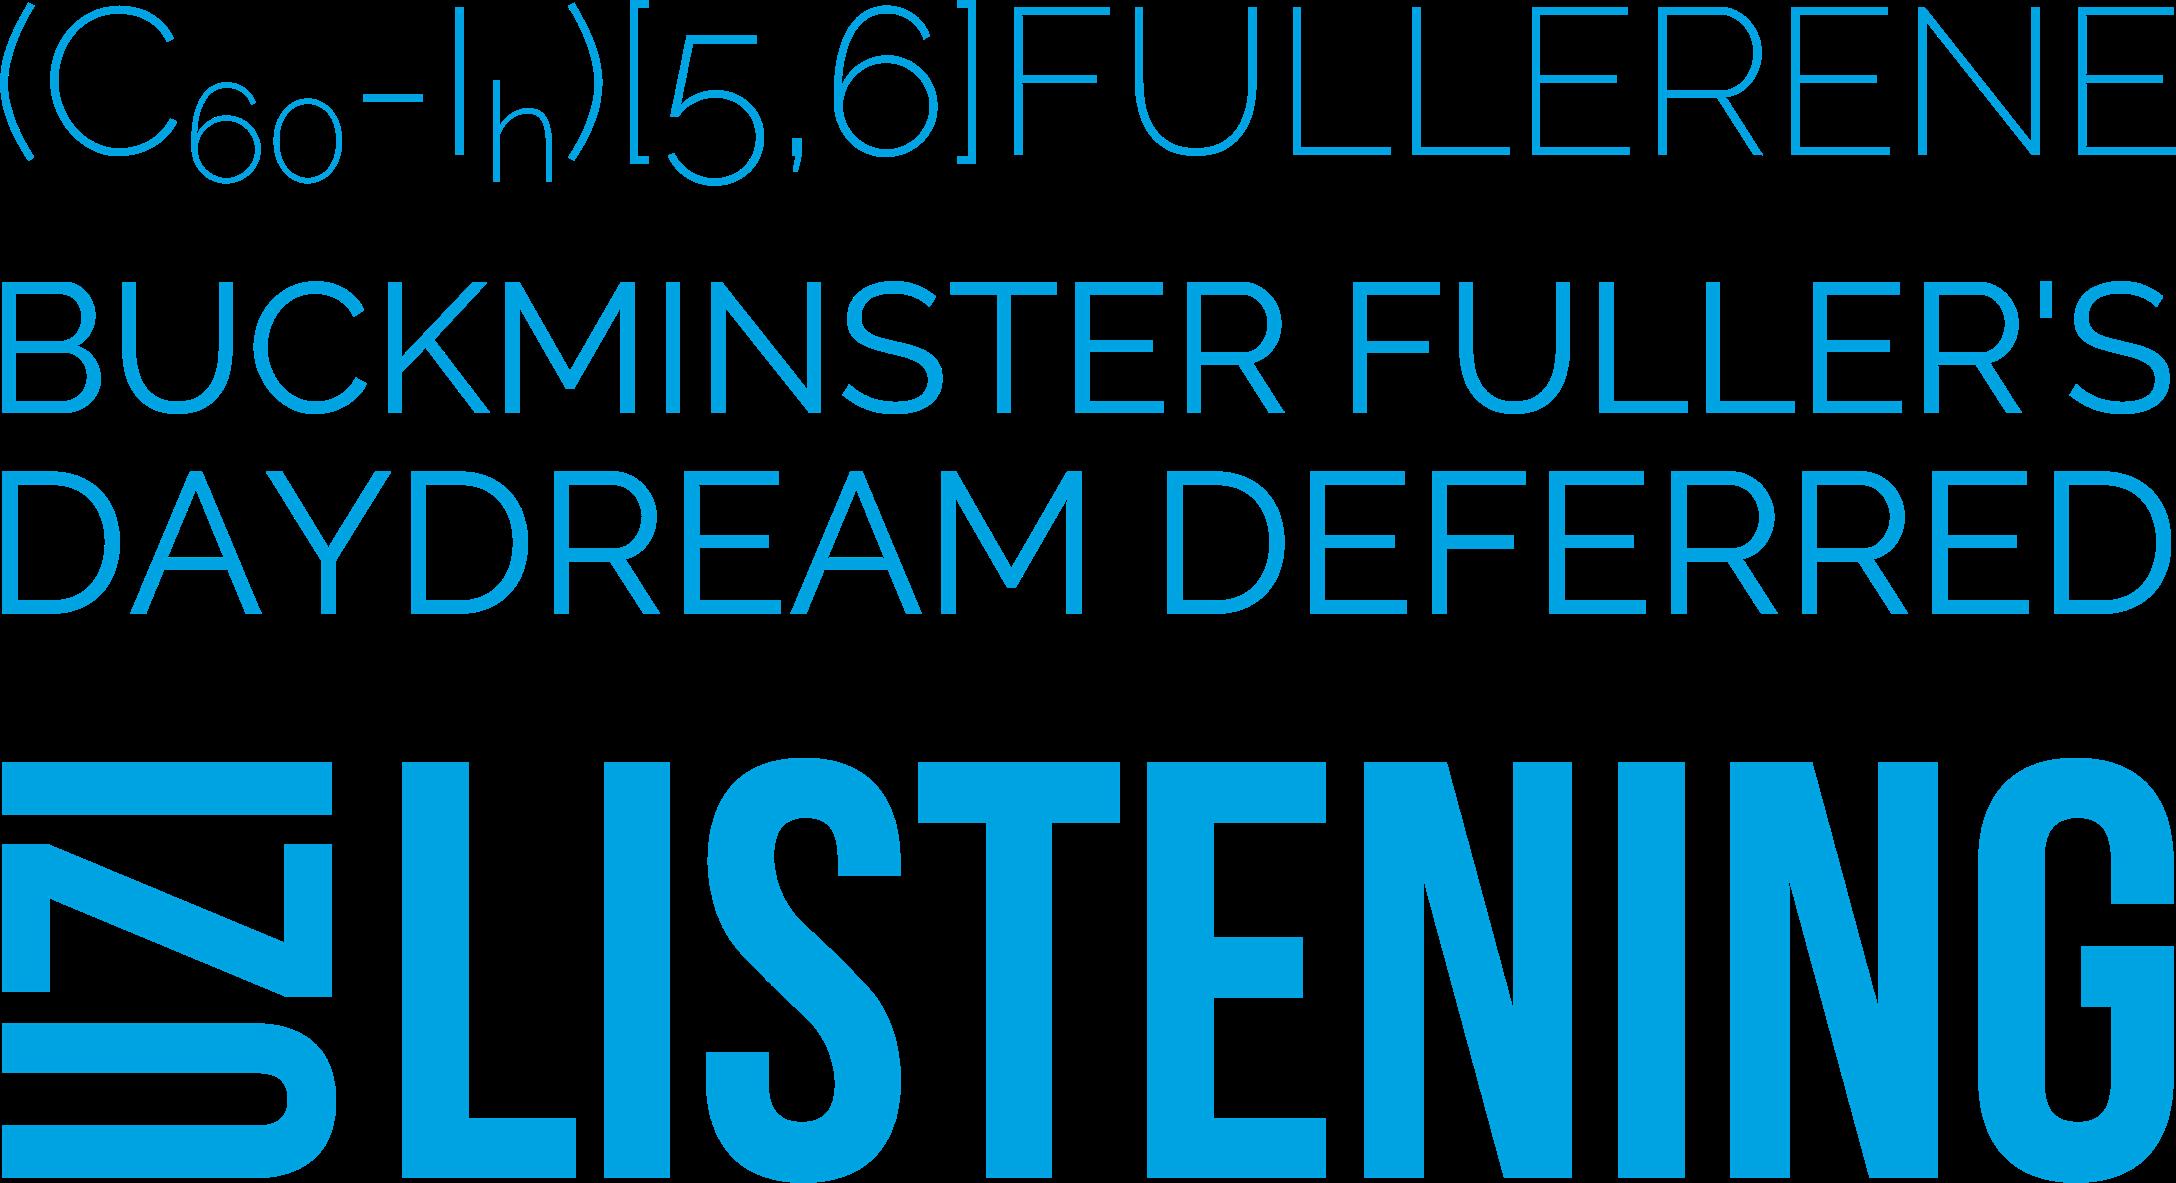 Buckminster Fuller's Daydream Deferred Released